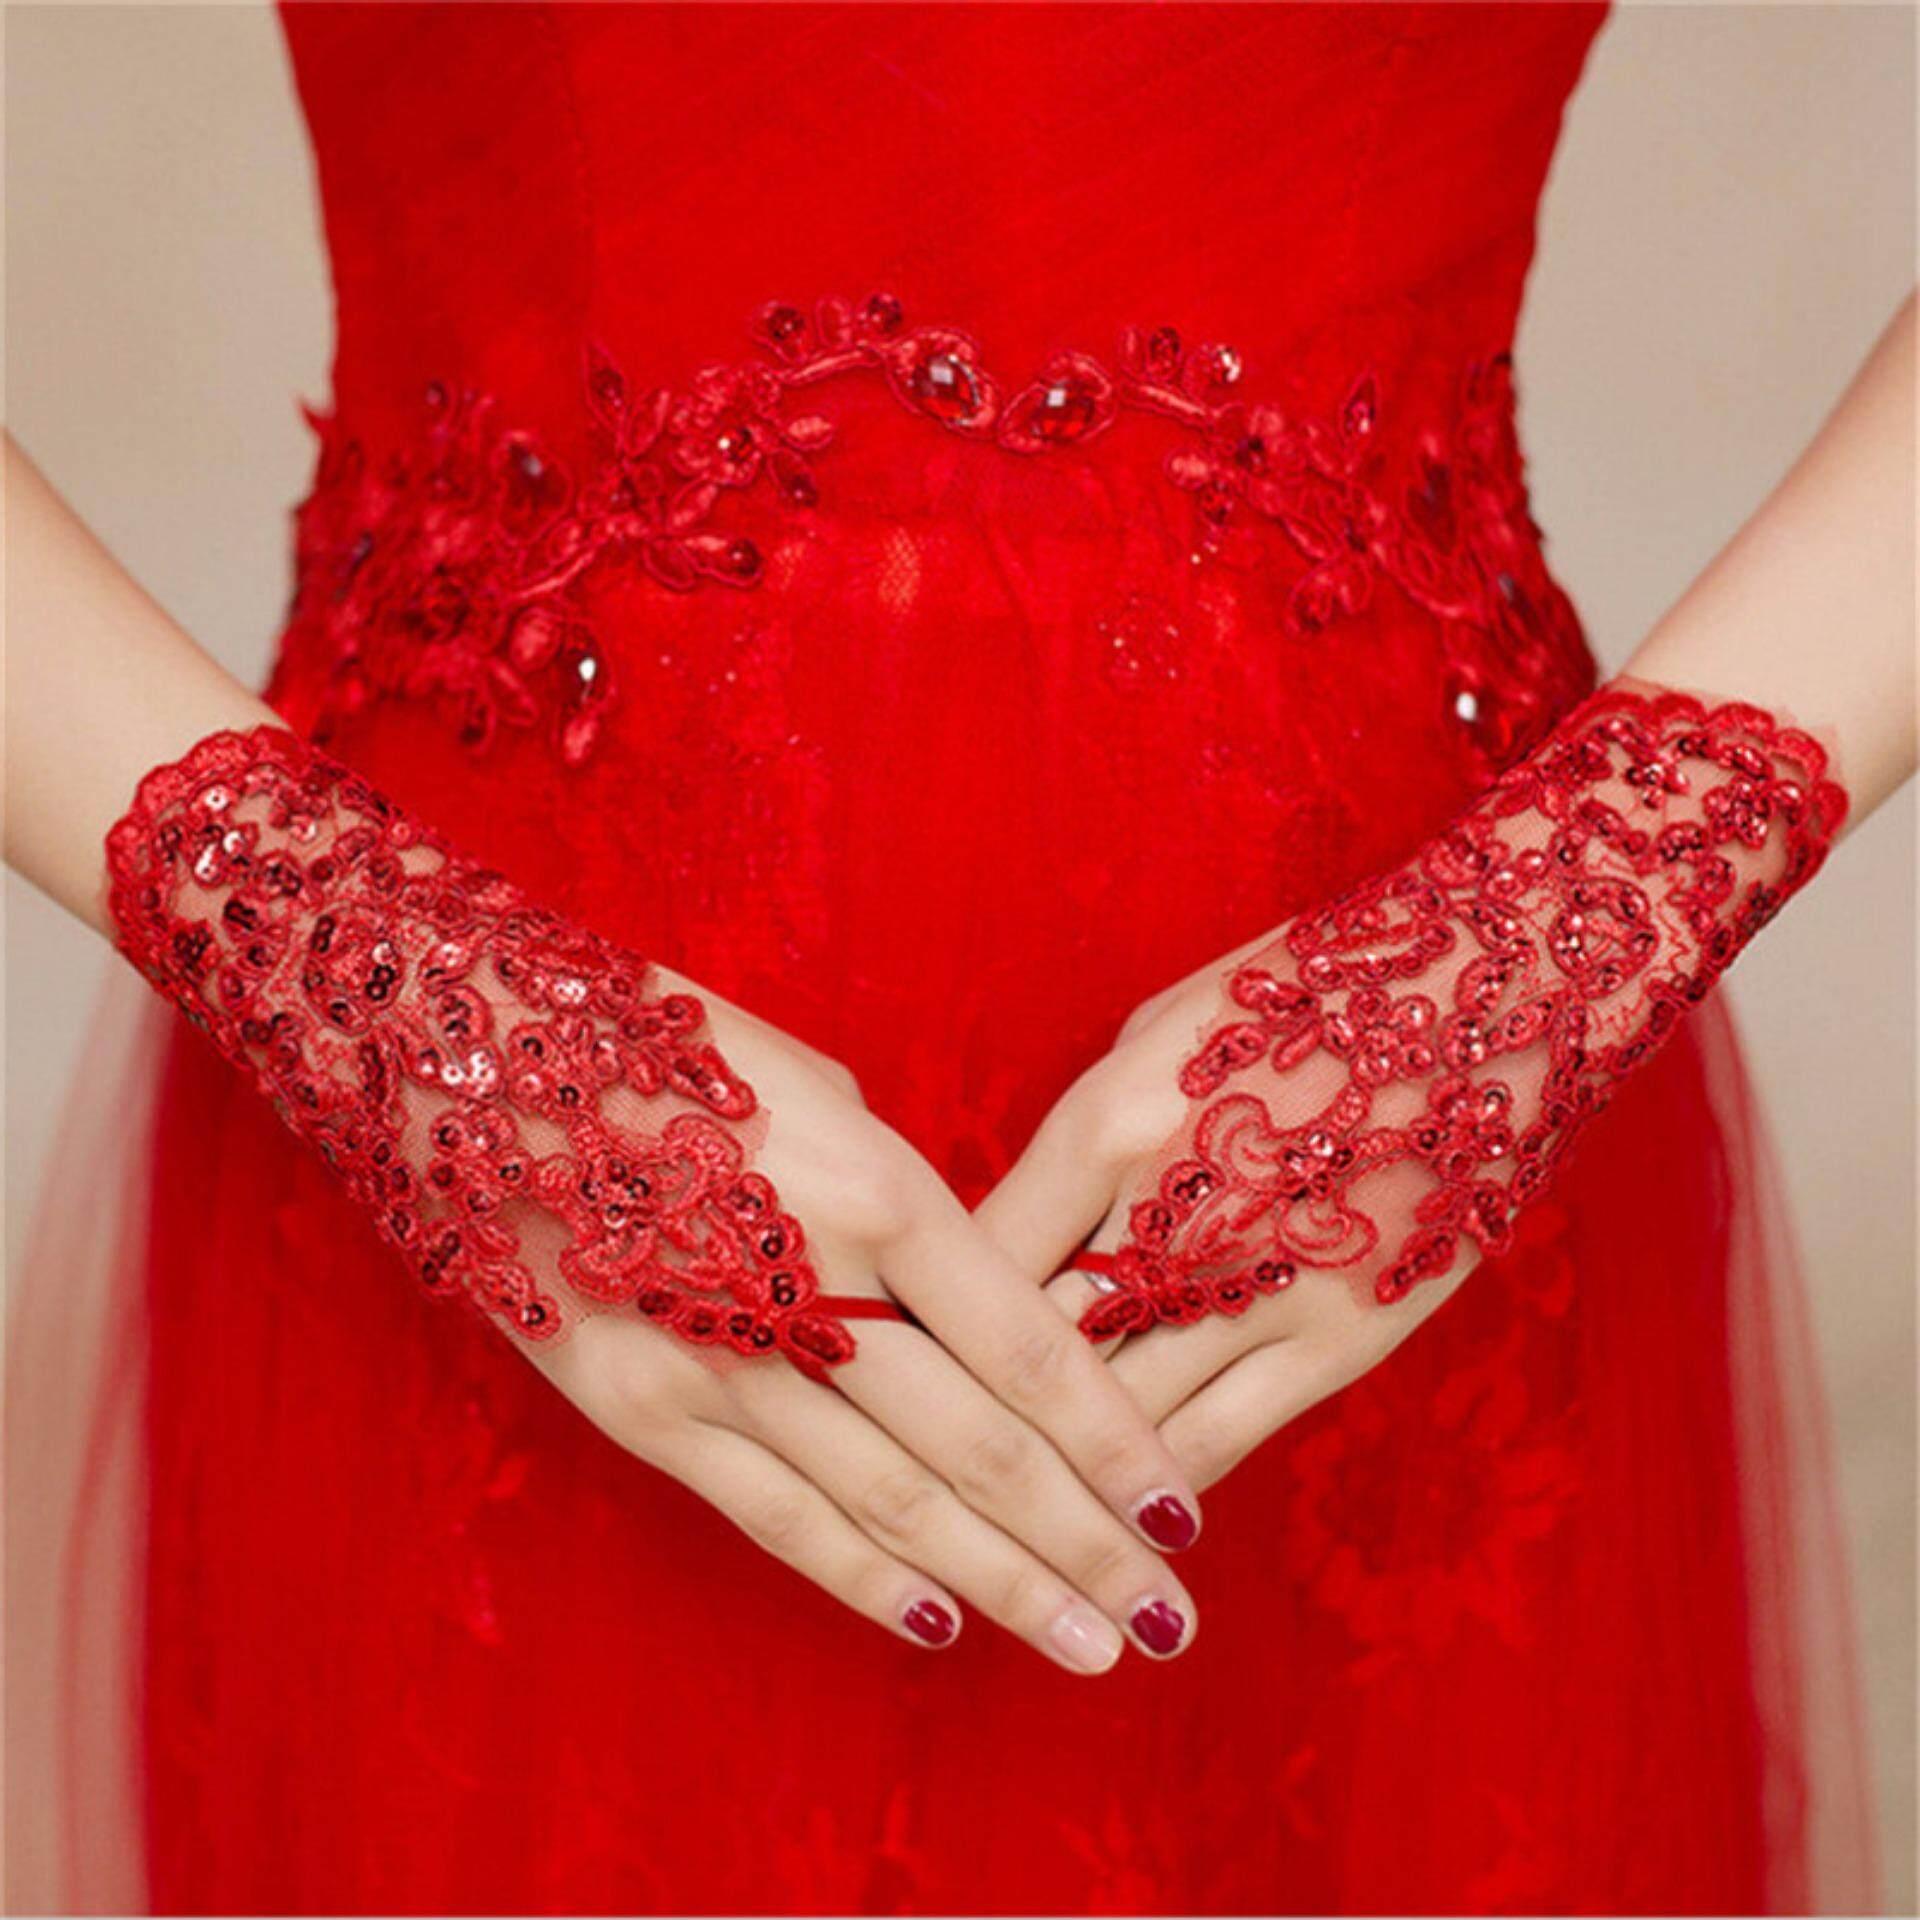 ดอกไม้ข้อมือถุงมือลูกไม้เจ้าสาวถุงมืองานแต่งงานชุดย่อหน้าสั้น Mitts สีแดง By Beautiful Speace.